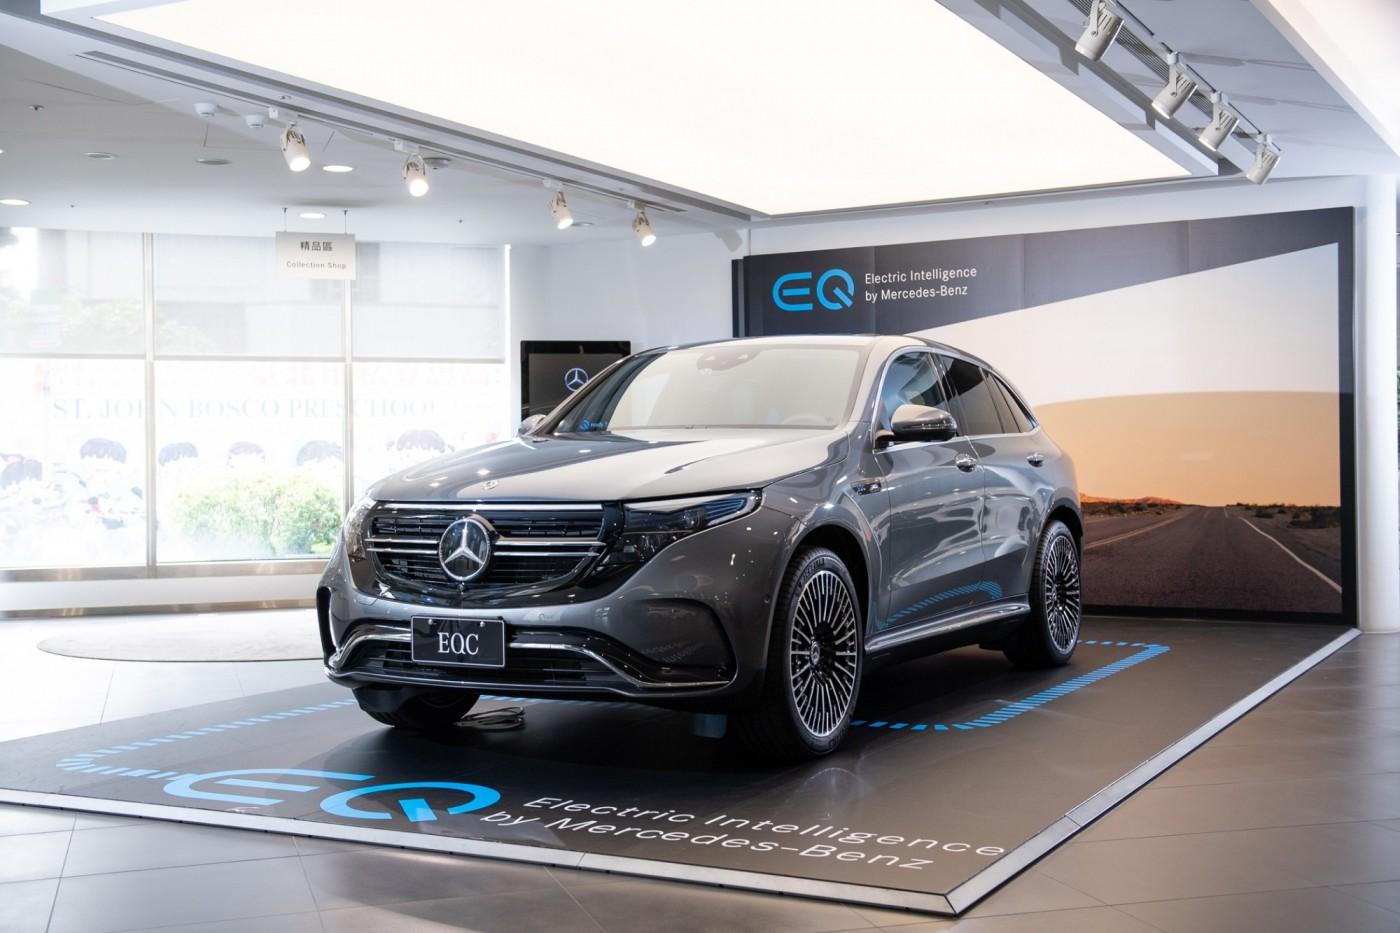 賓士首款電動車EQC來了!面對台灣車主的充電焦慮,它怎麼解?